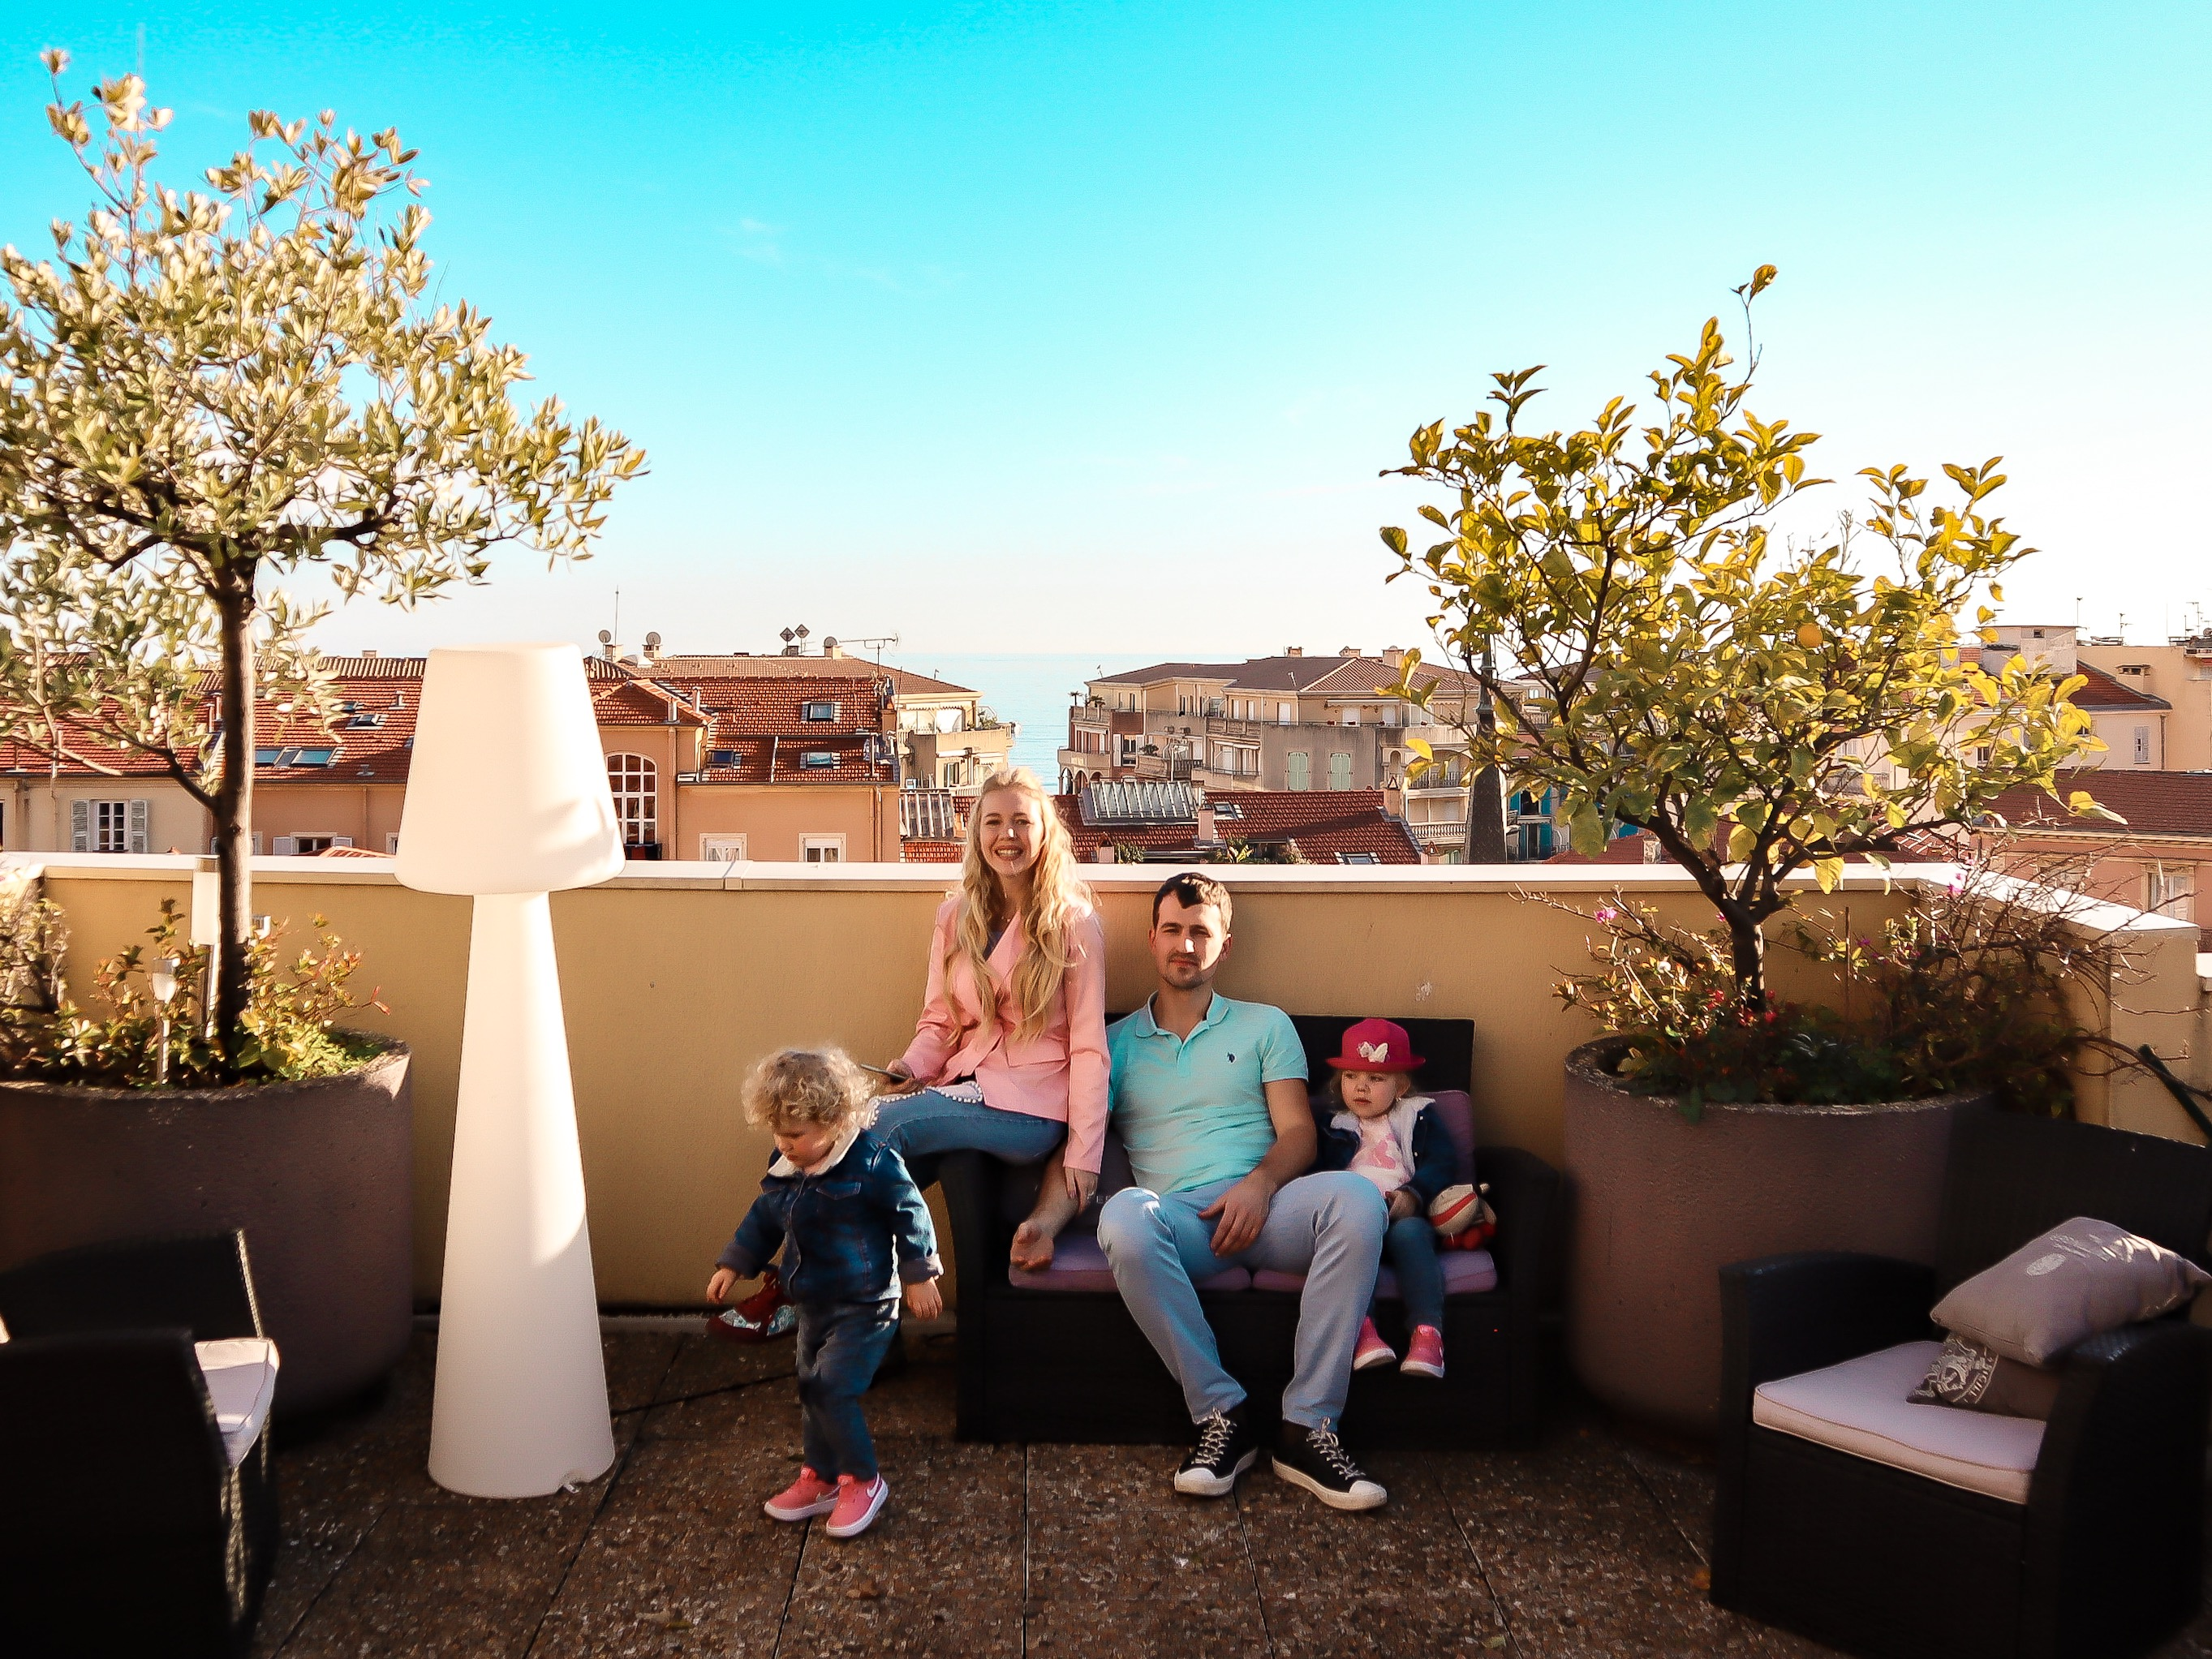 Rooftop Quality Hôtel Menton Méditerrannée - Crédit : Alisas Wonder